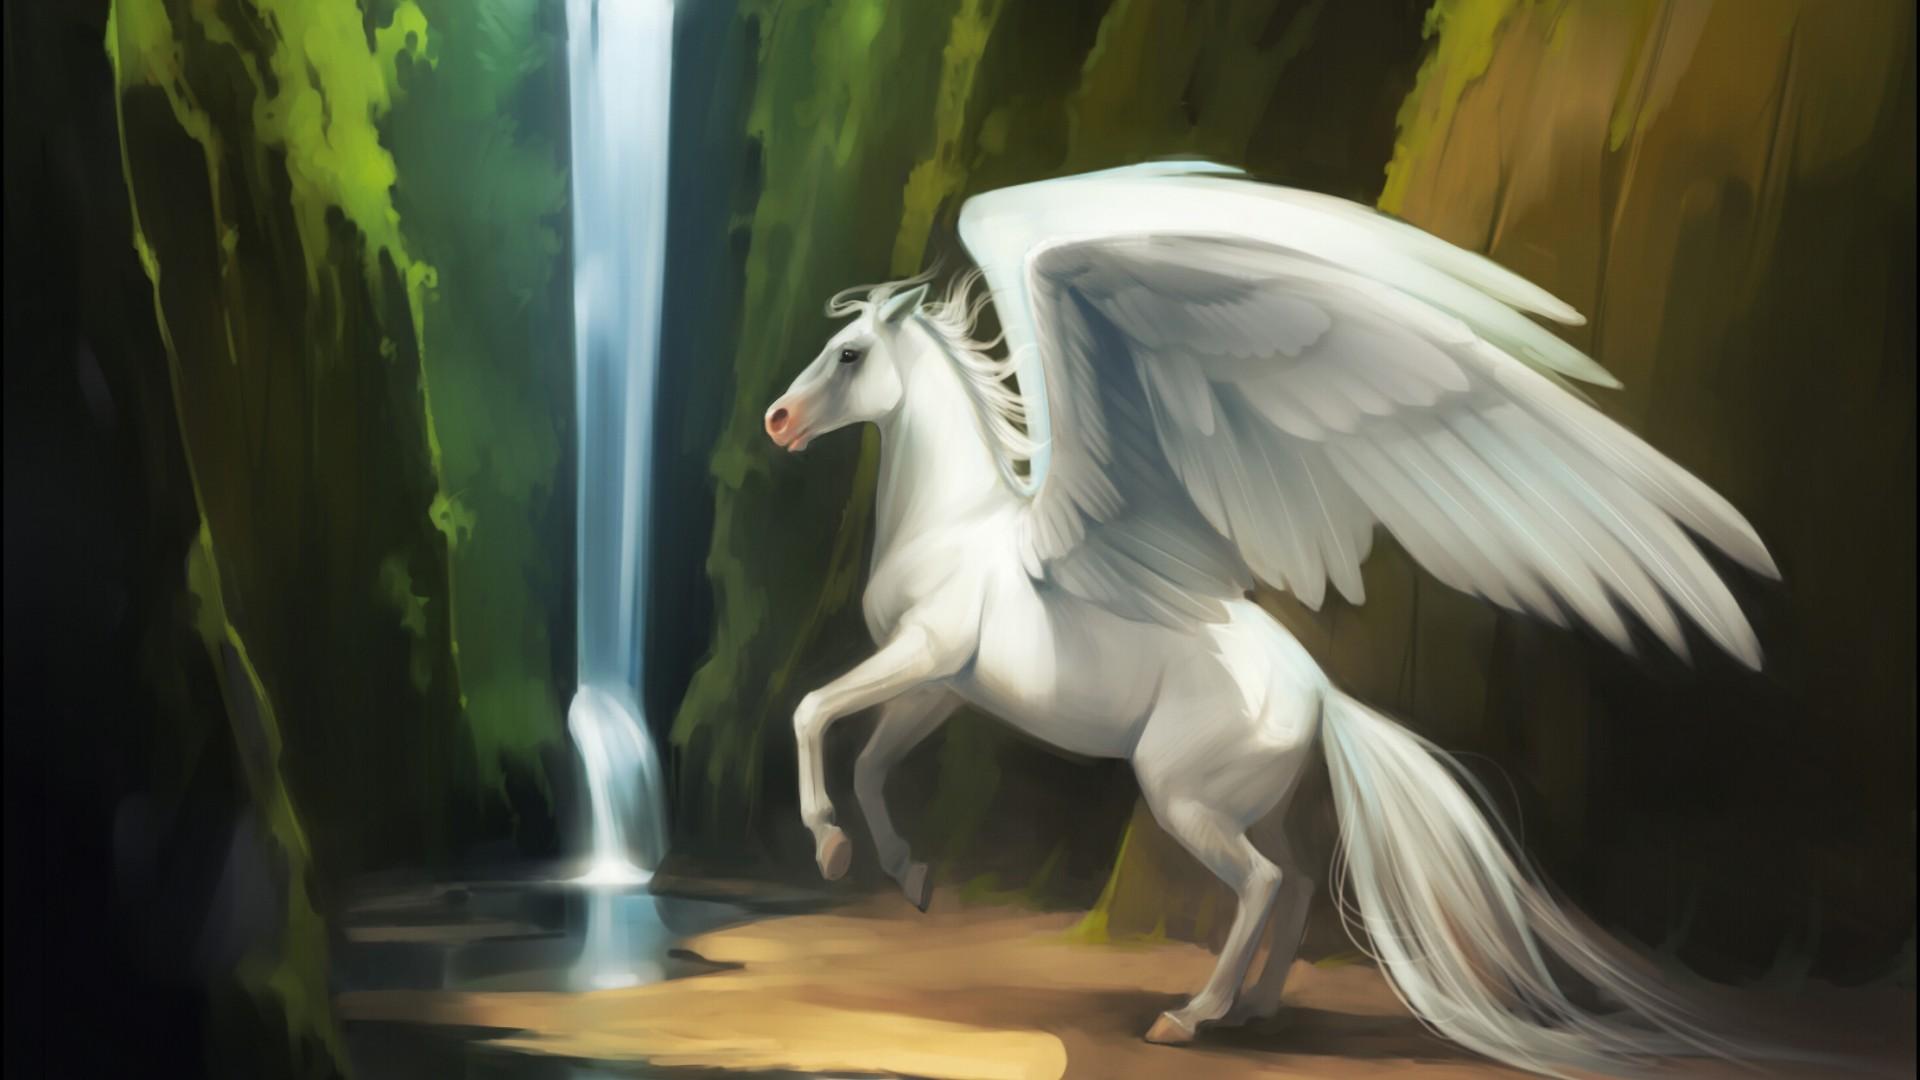 Pegasus hd wallpaper 1080